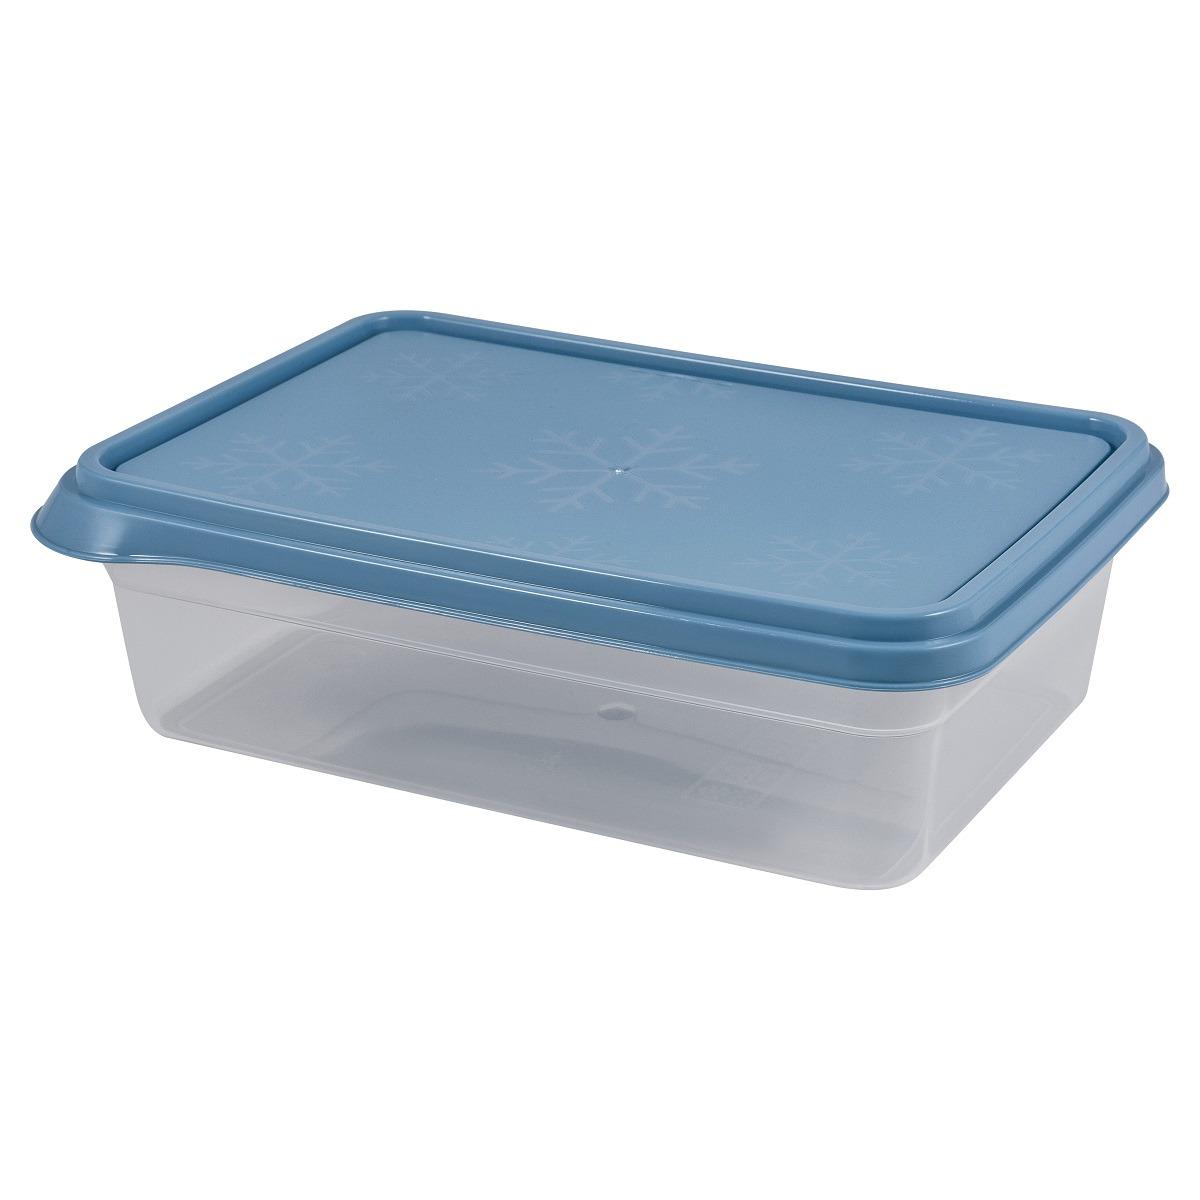 Контейнер пищевой Plast Team Bergen, PT1141-15, туманно-голубой, 2,6 л контейнер пищевой plast team цвет голубой прозрачный 0 6 л